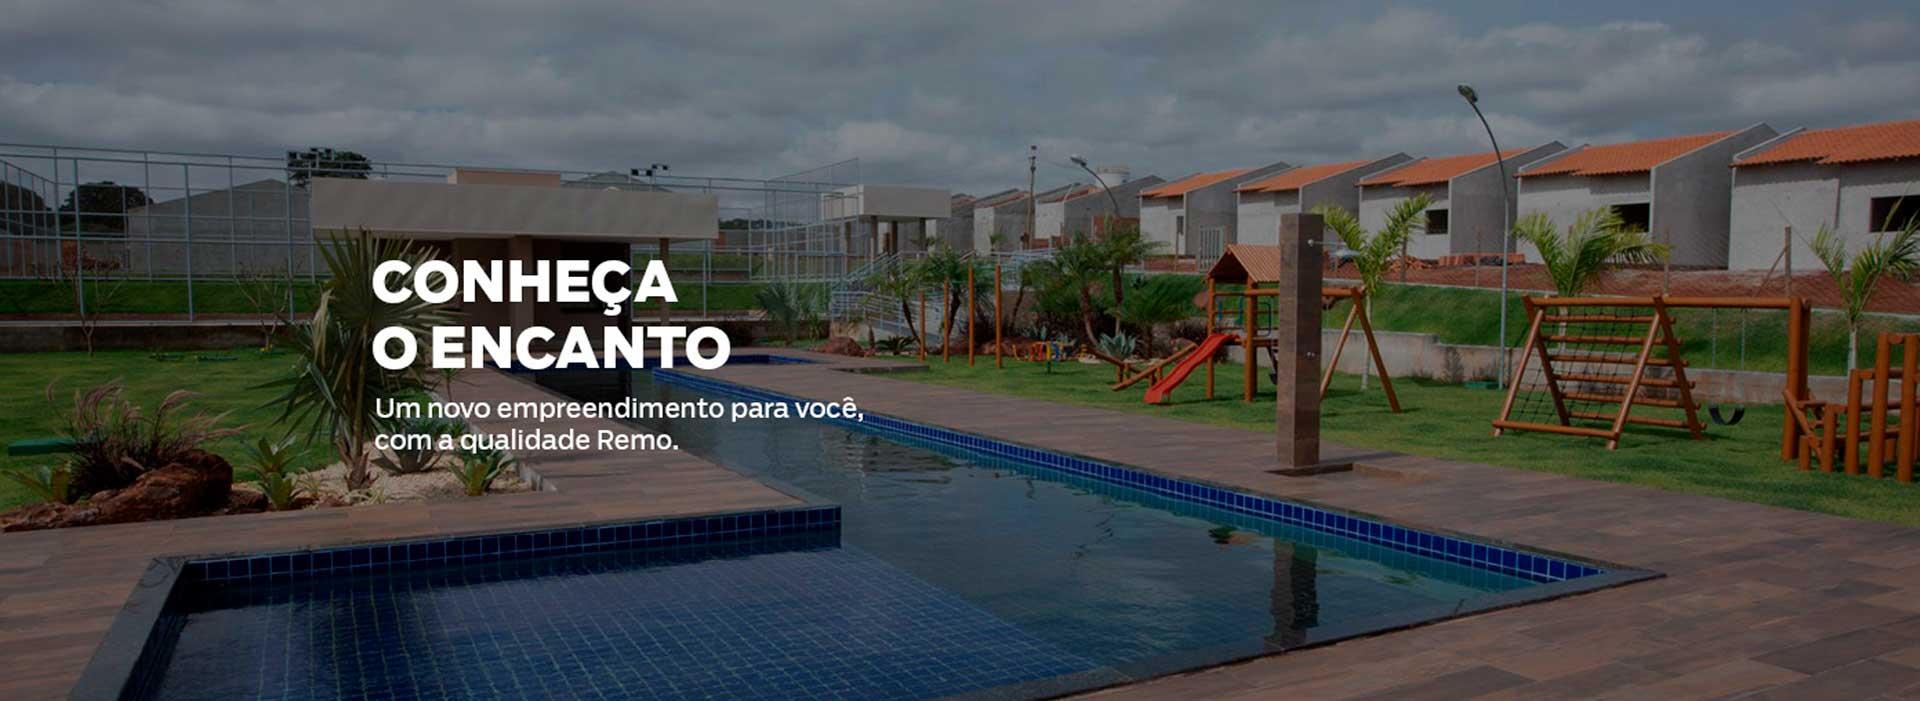 Encanto_banner_home2